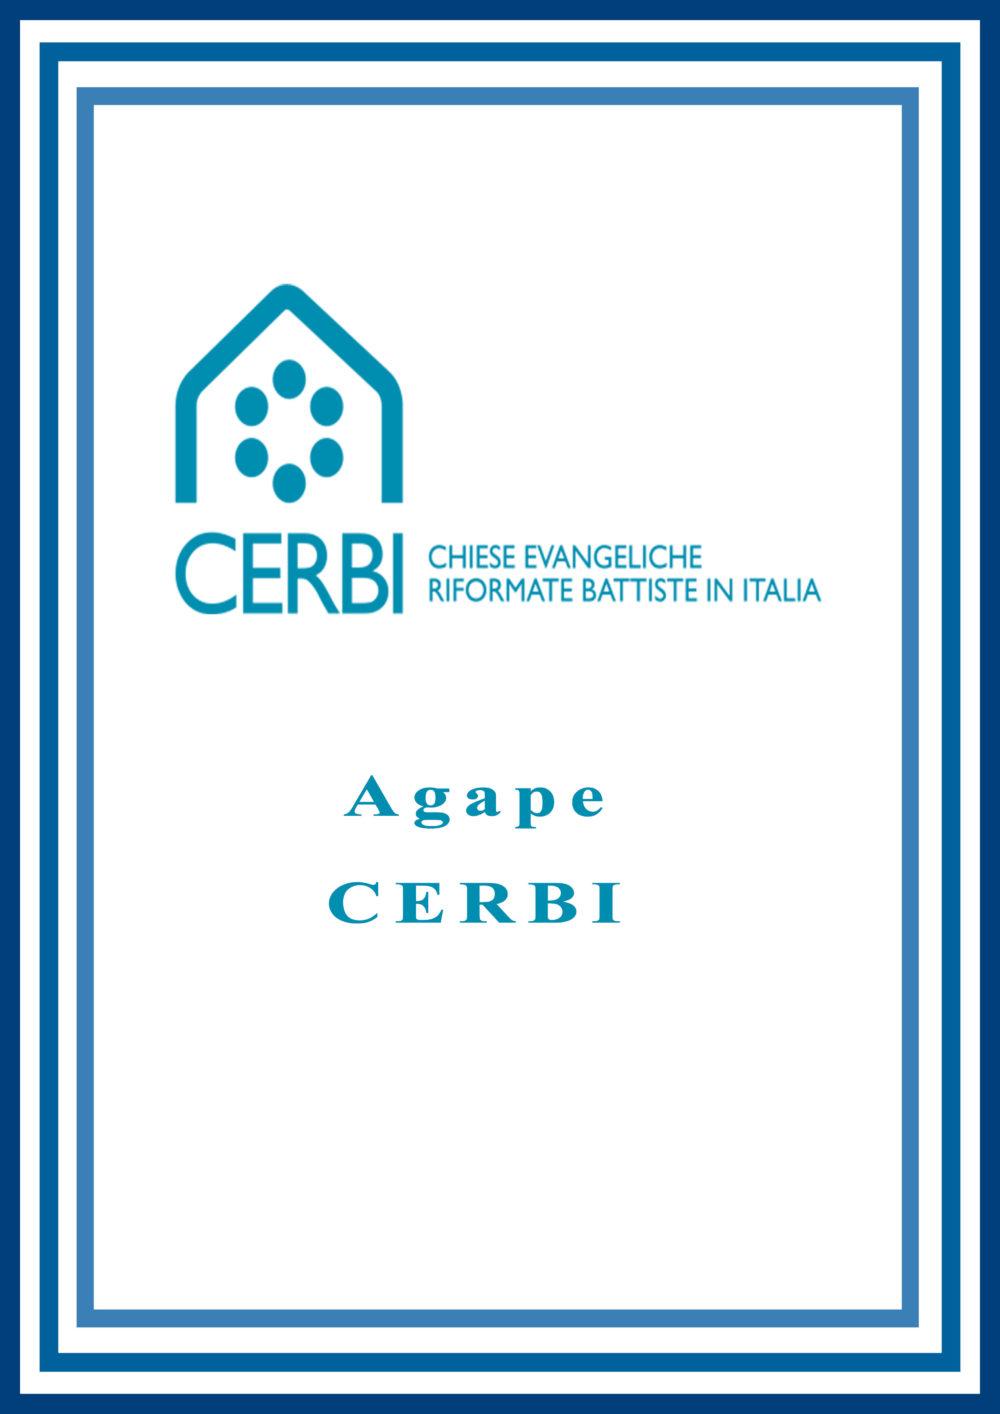 Agape Chiese CERBI